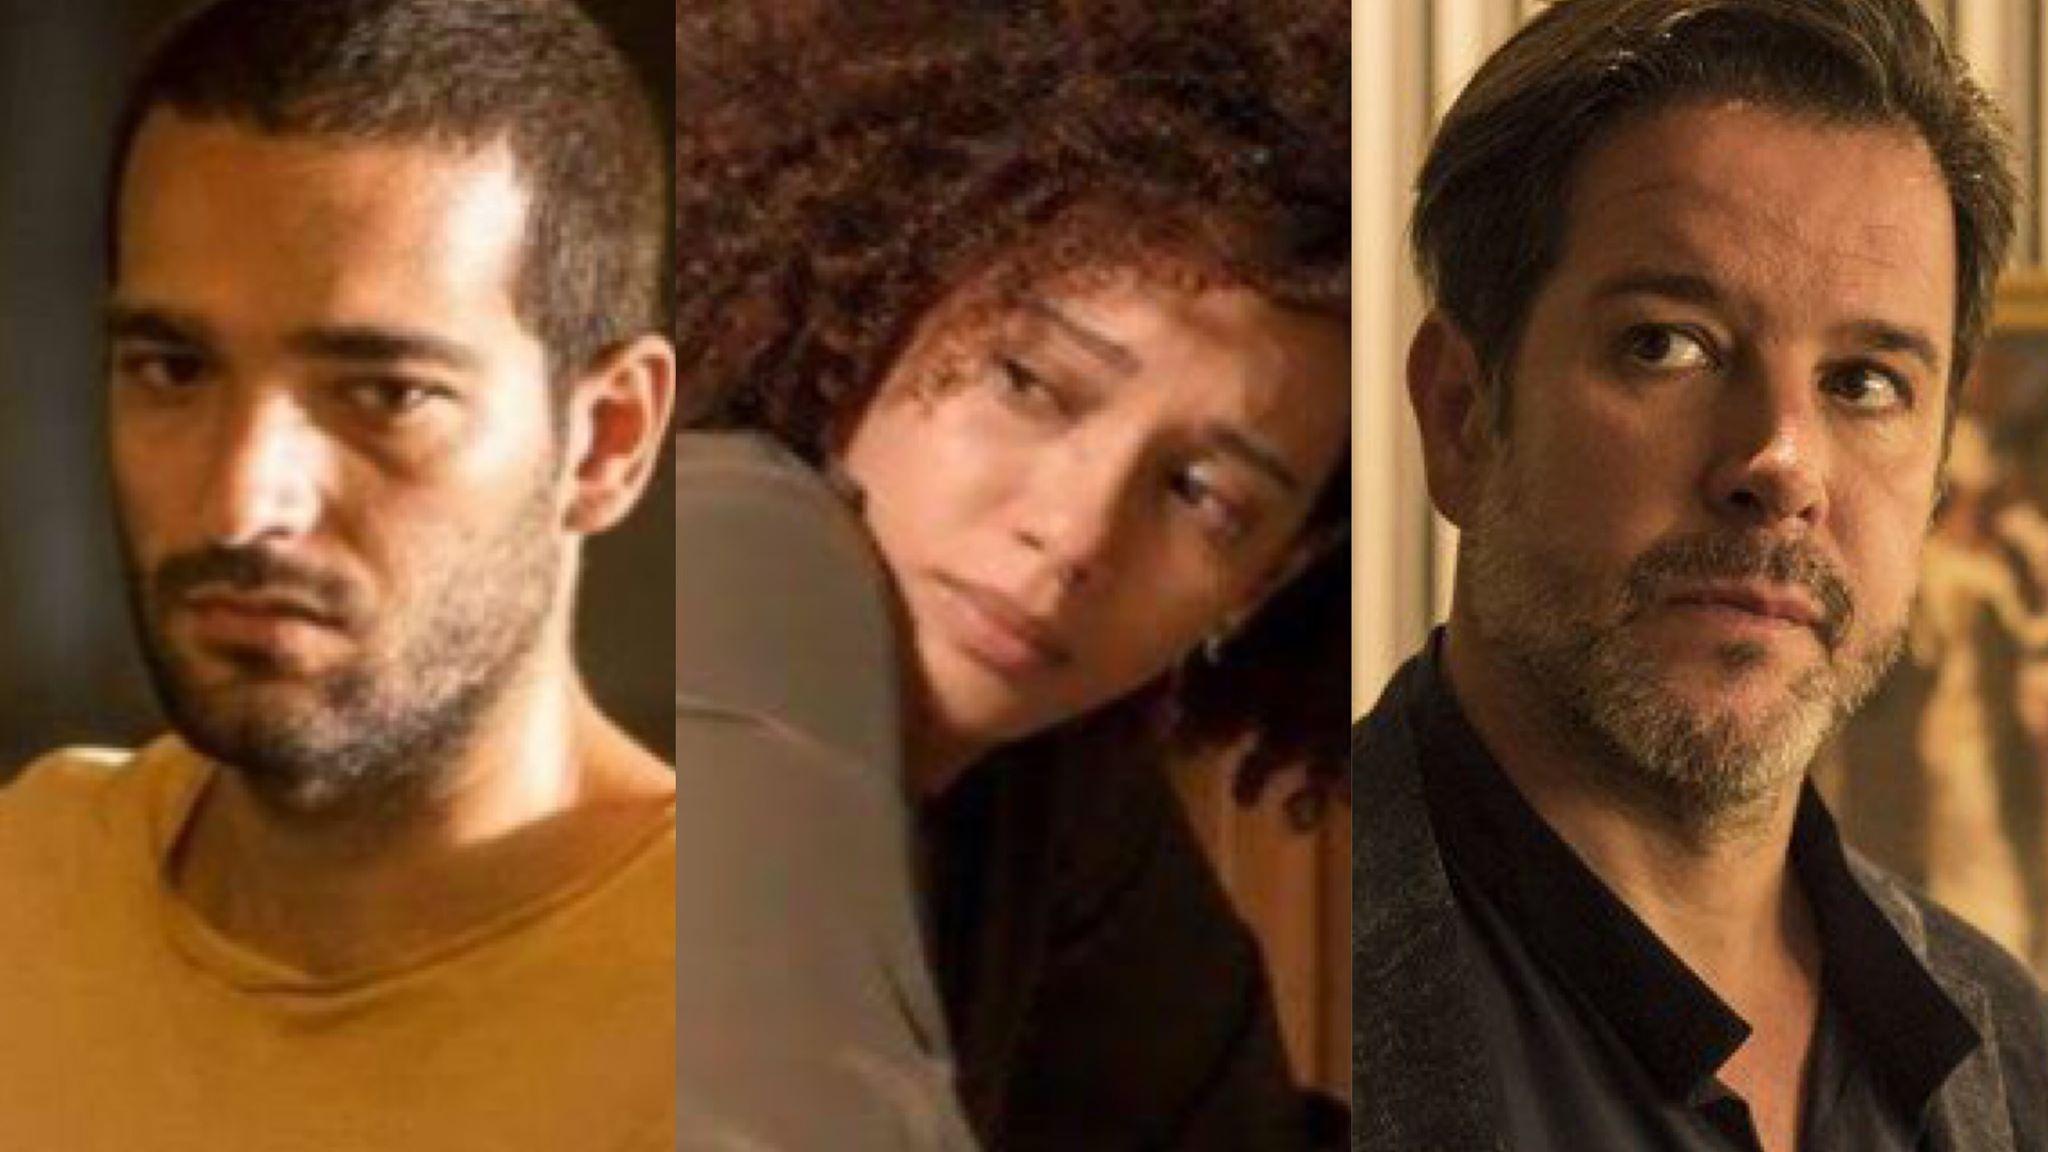 Sandro rejeitará sua mãe biológica, Vitória e cairá nas graças de Raul (Montagem: TV Foco)